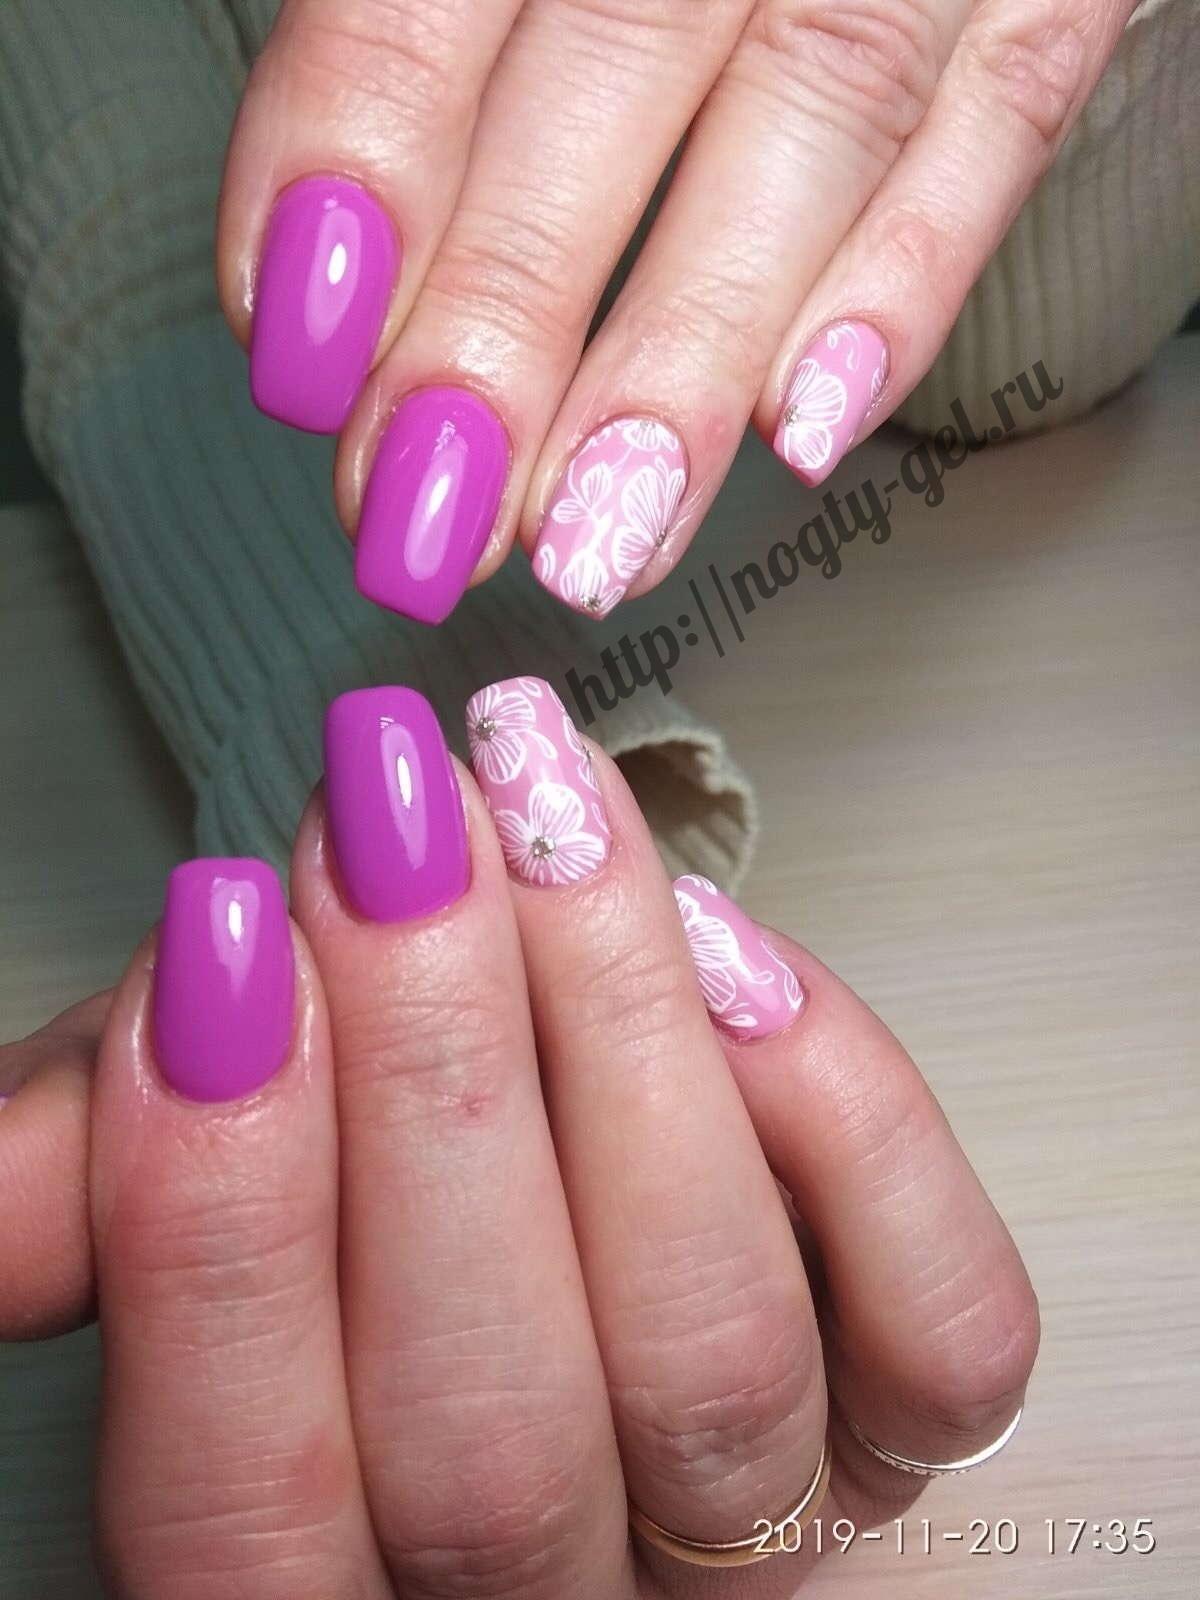 Как рисовать гель лаком на ногтях?